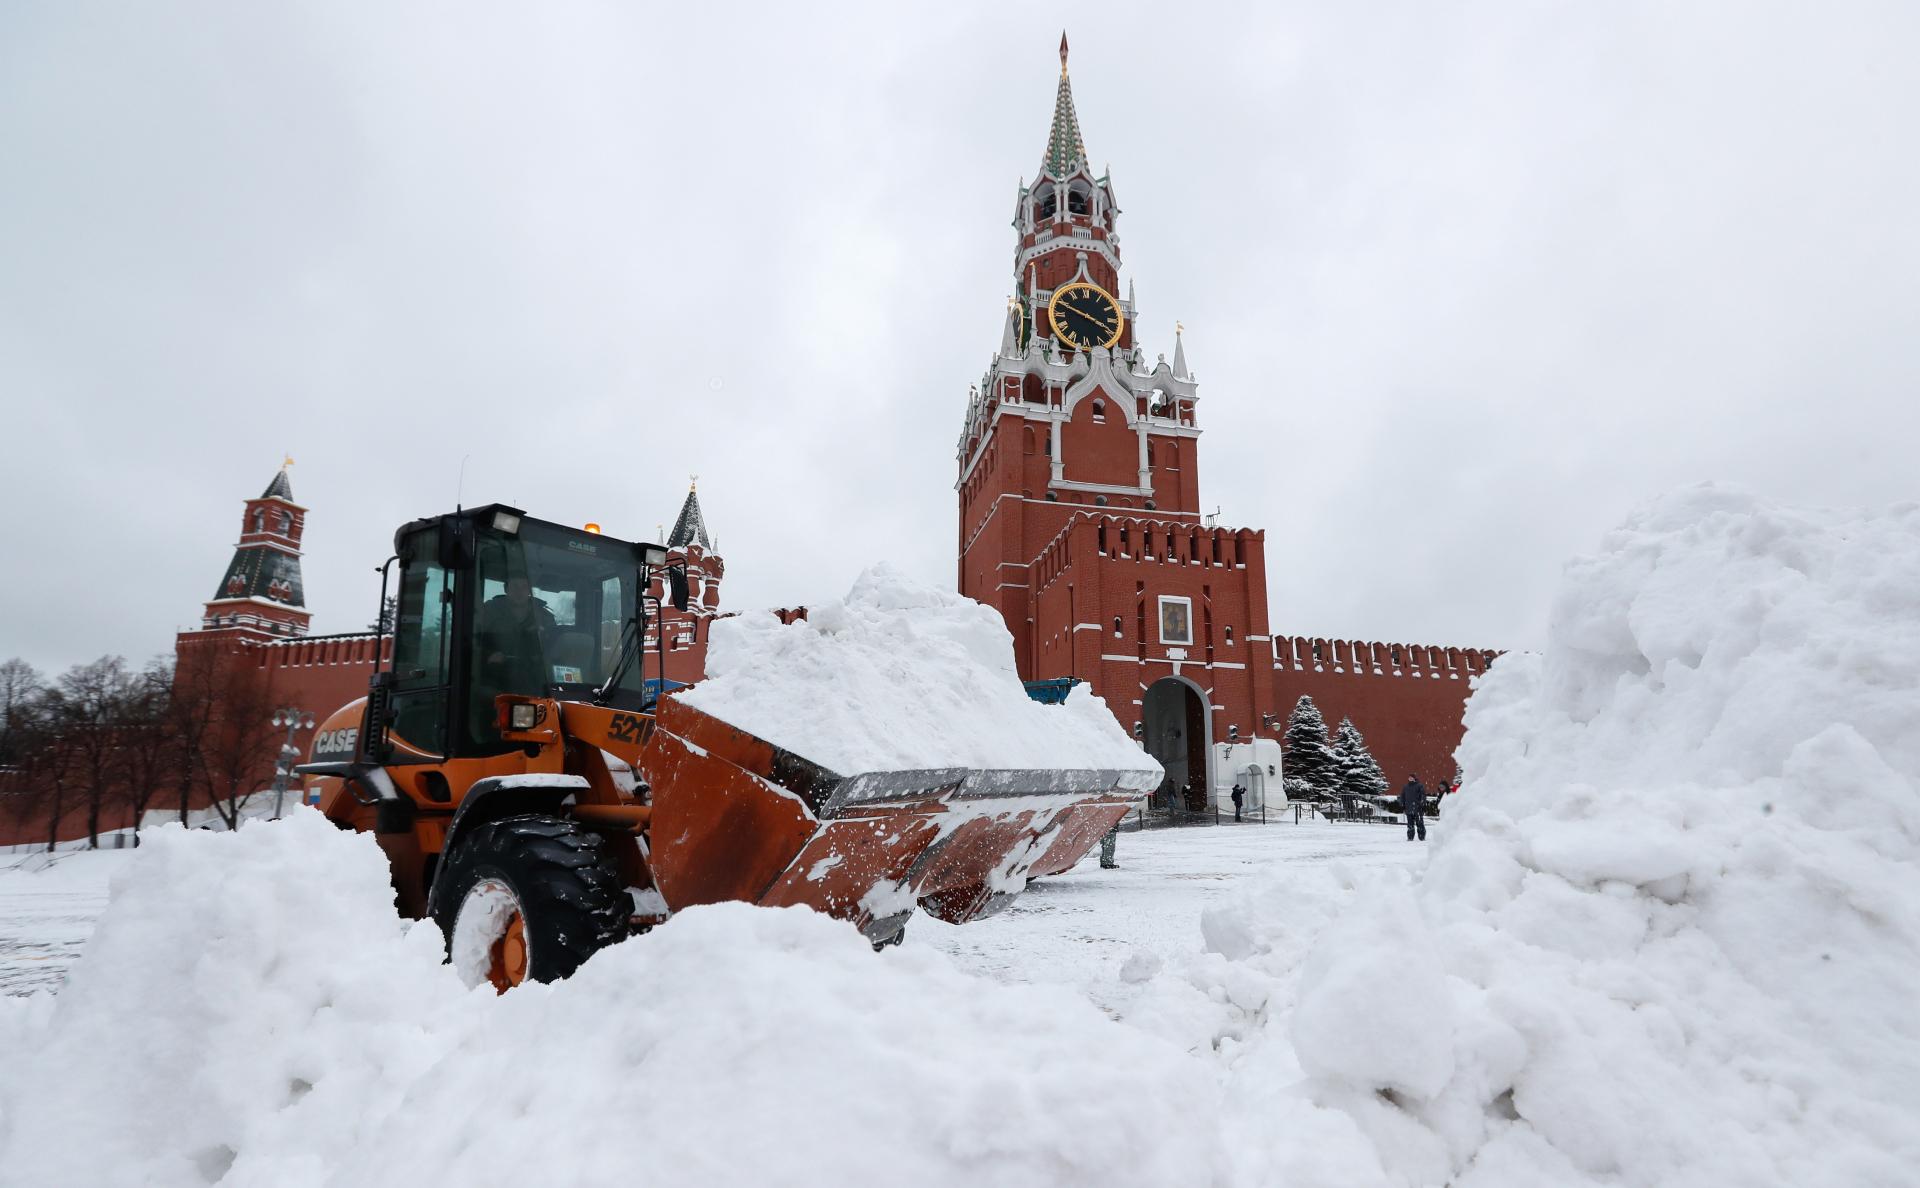 Синоптики сообщили о приближении снегопада в Москве к абсолютным рекордам photo